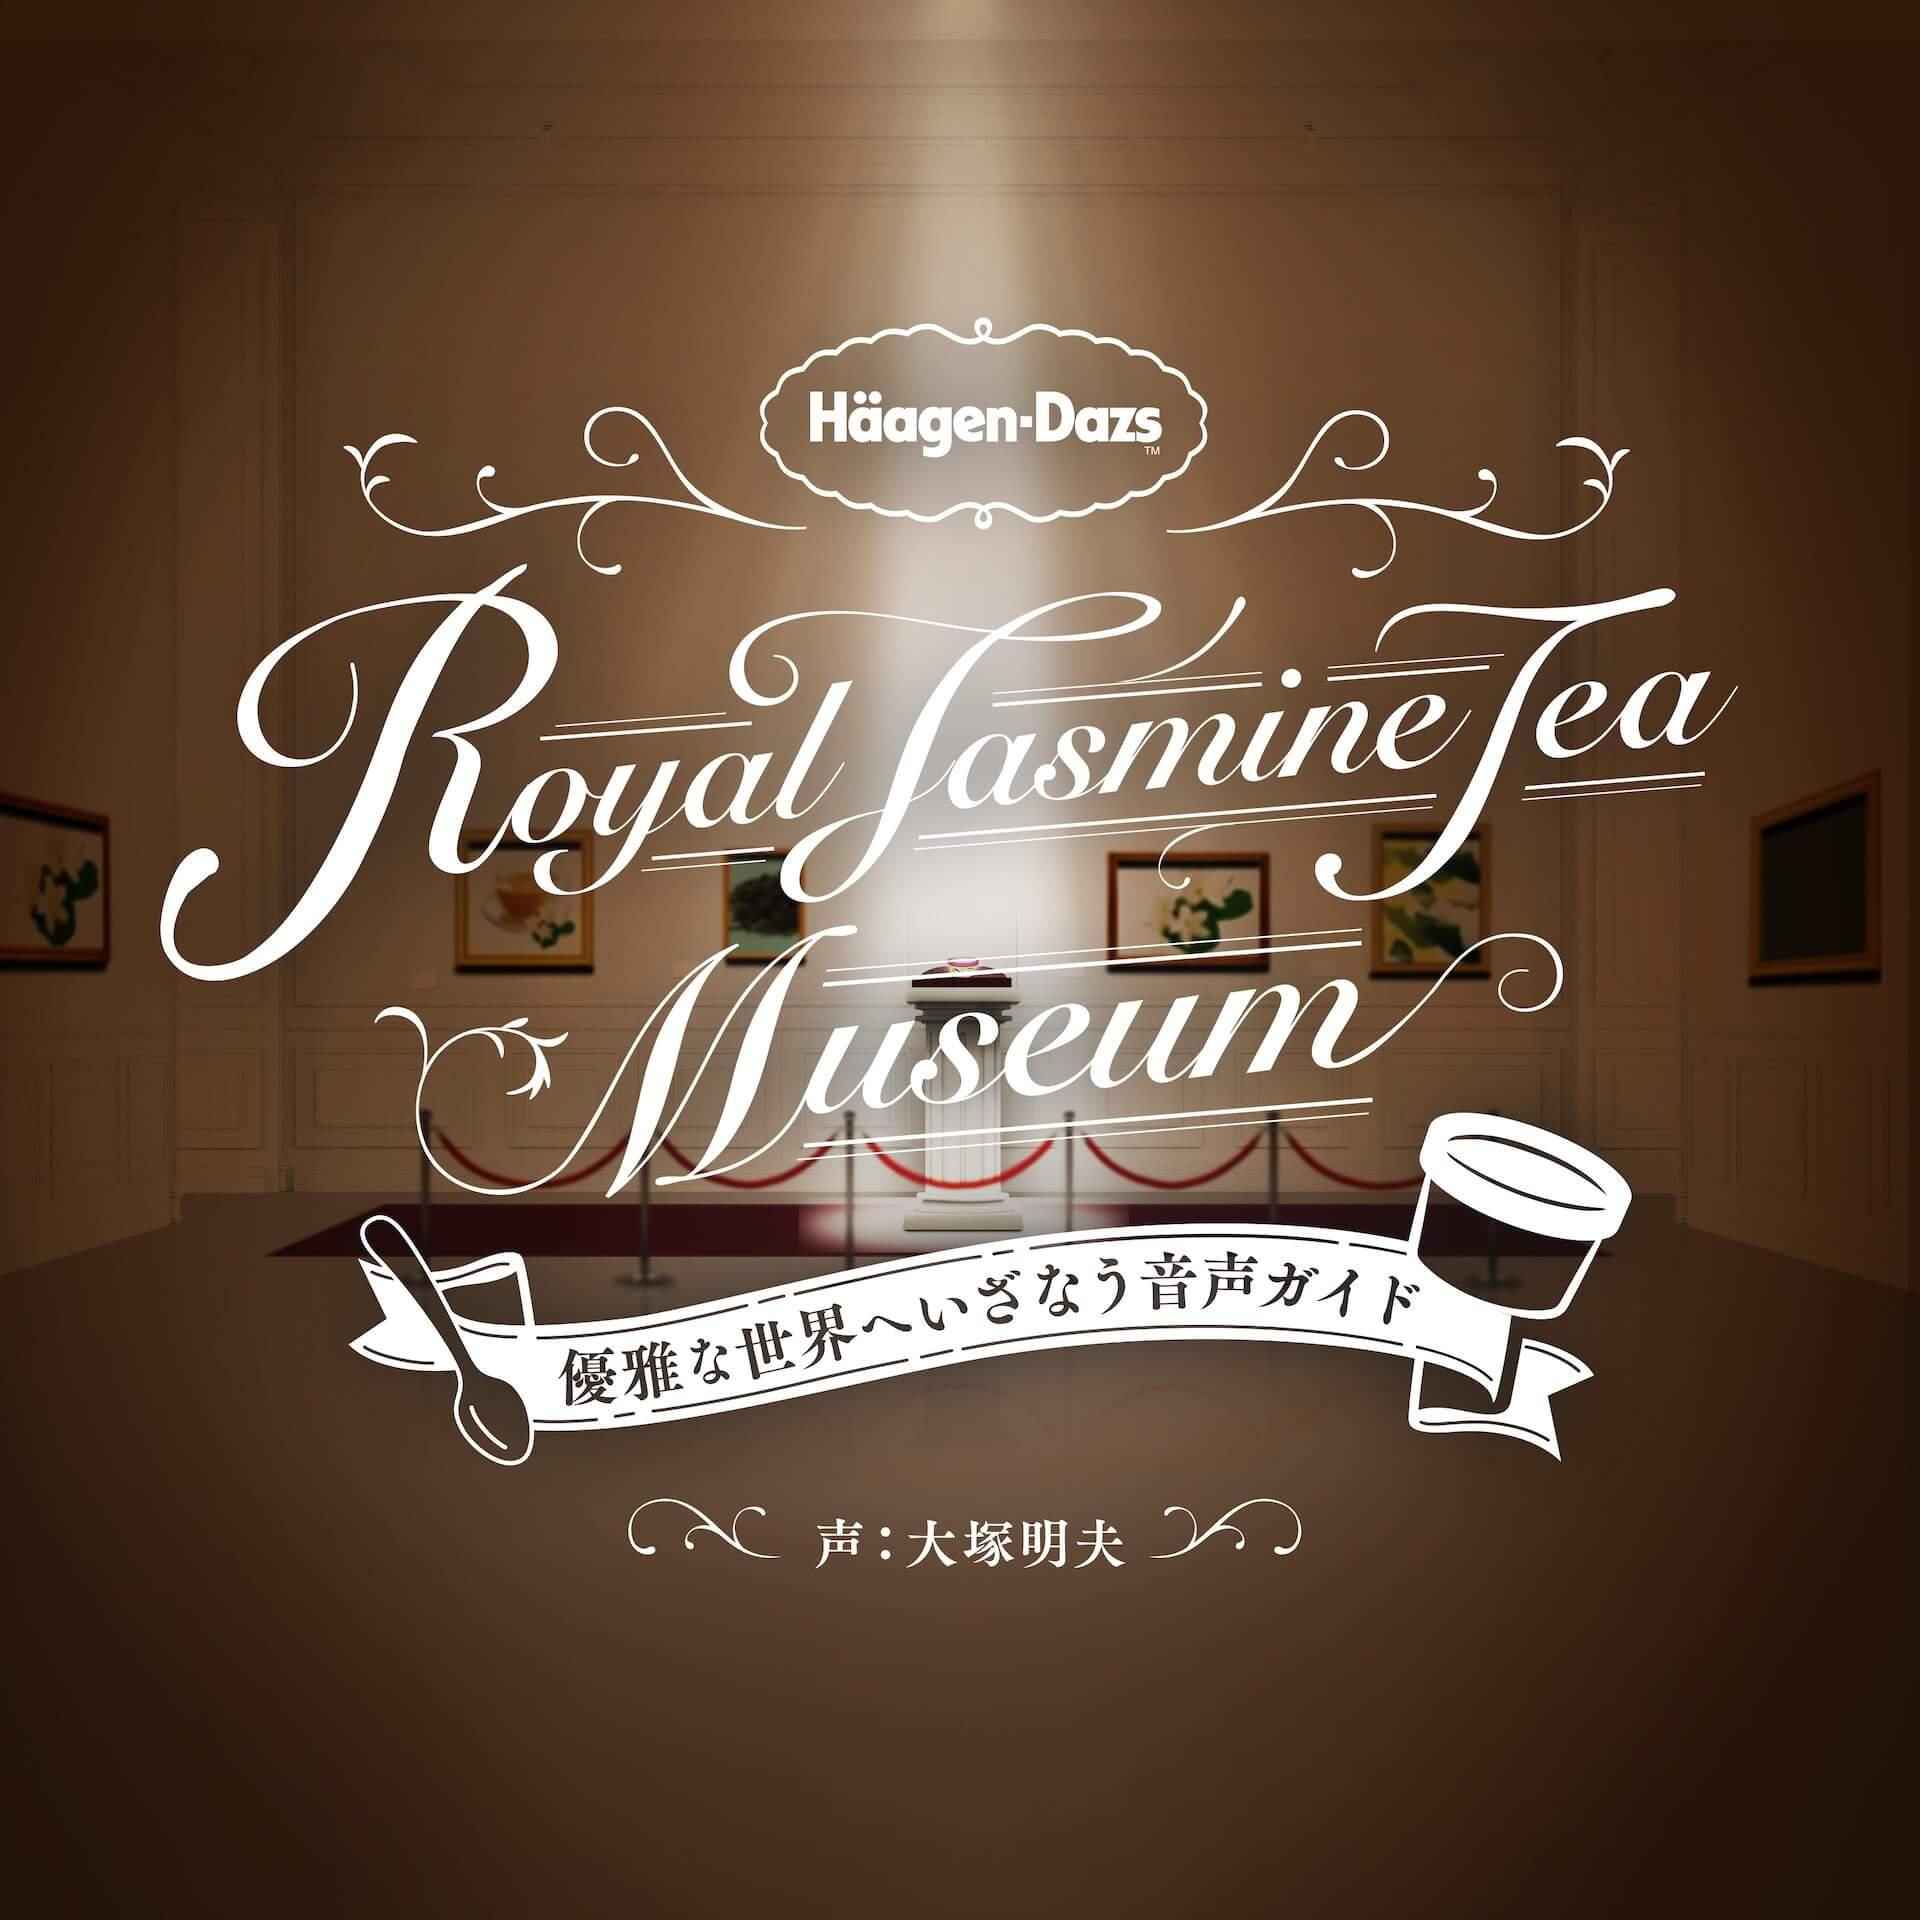 ハーゲンダッツから等級の高い茶葉を厳選した期間限定フレーバー『ロイヤル ジャスミンティー ~茶葉・銀毫~』が新発売! gourmet200414_haagendats_06